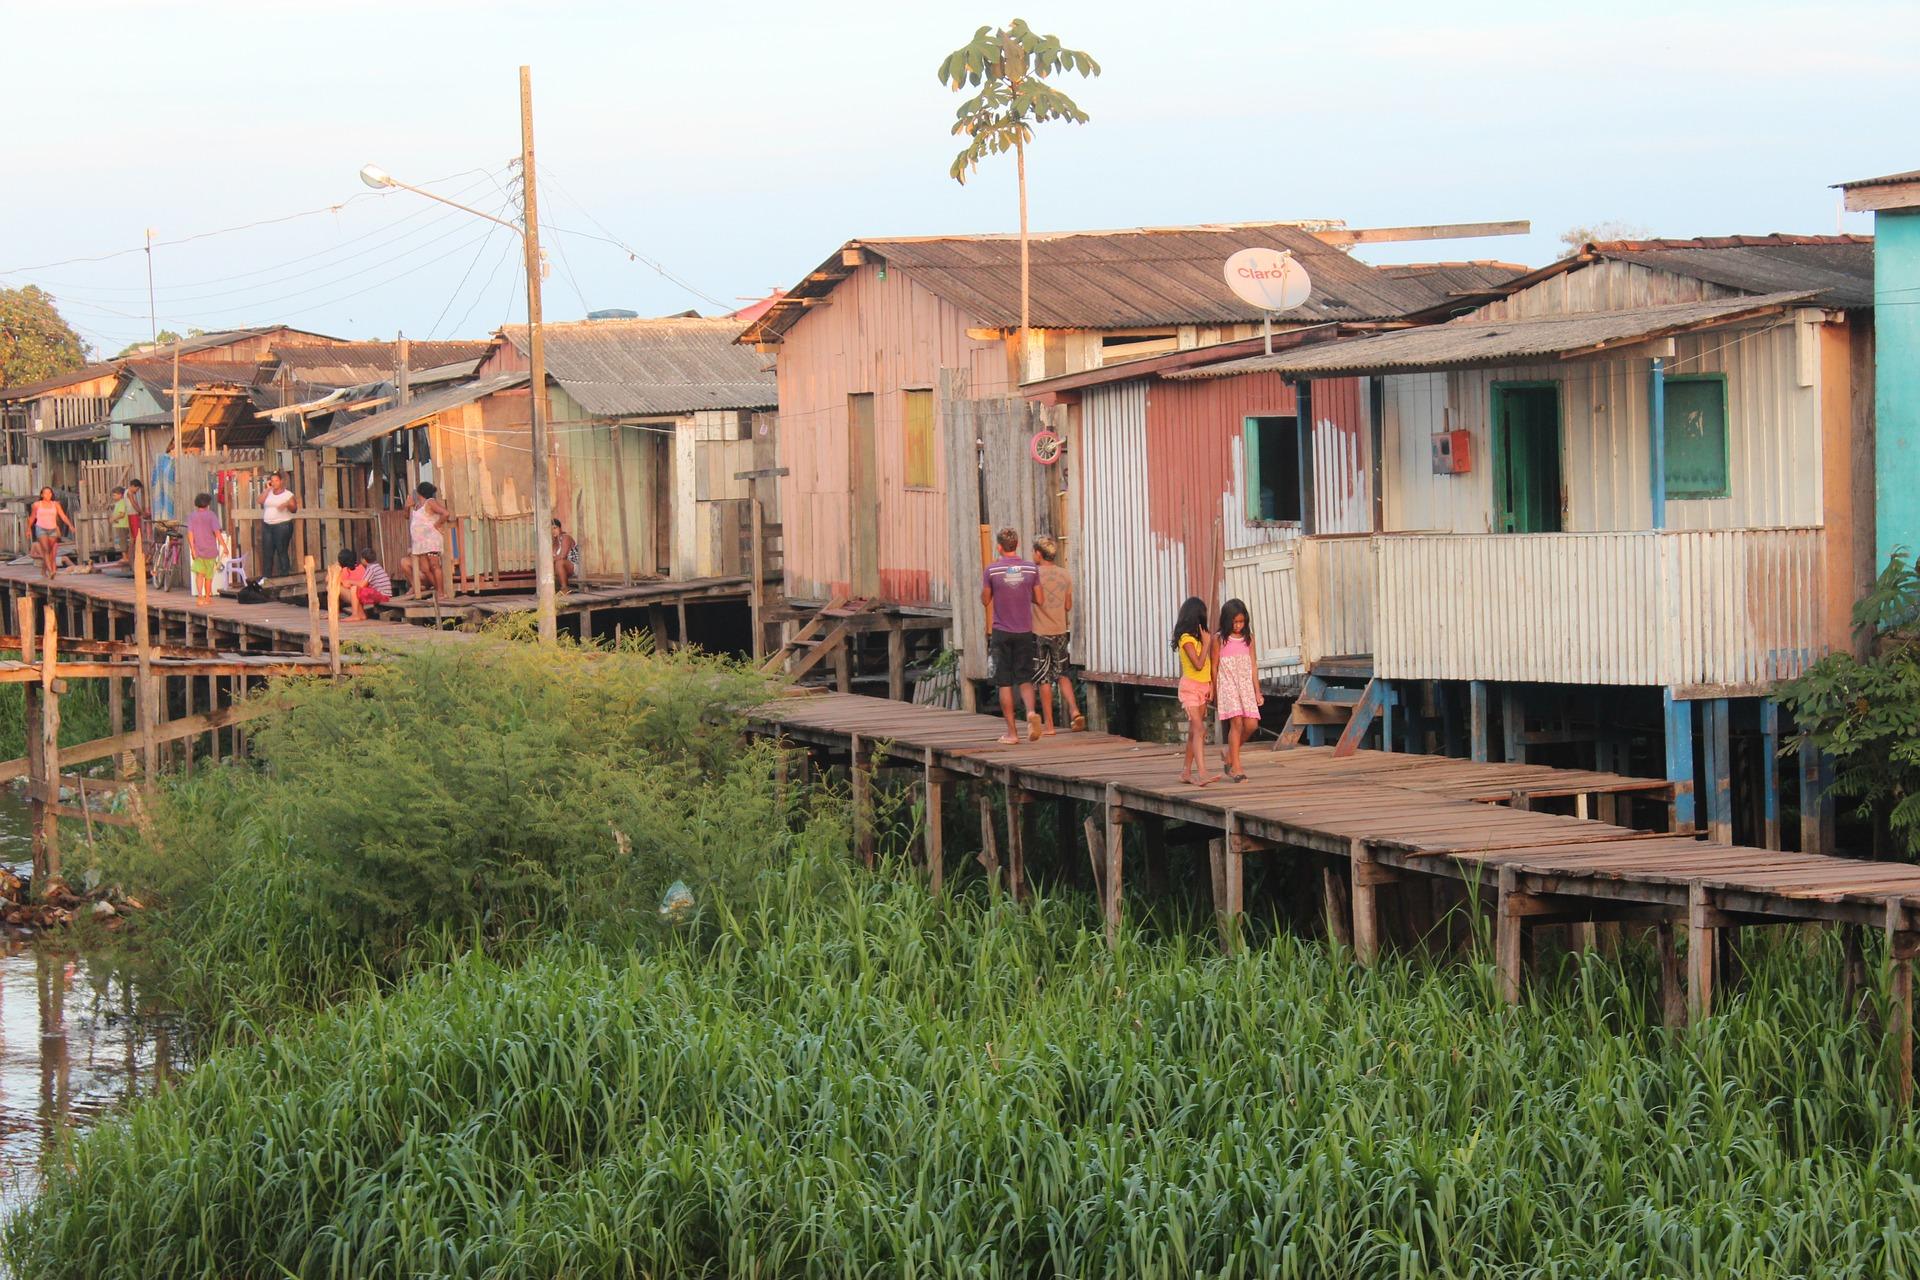 Dorf am Amazonas Krankenhausschiff fährt die Dörfer an